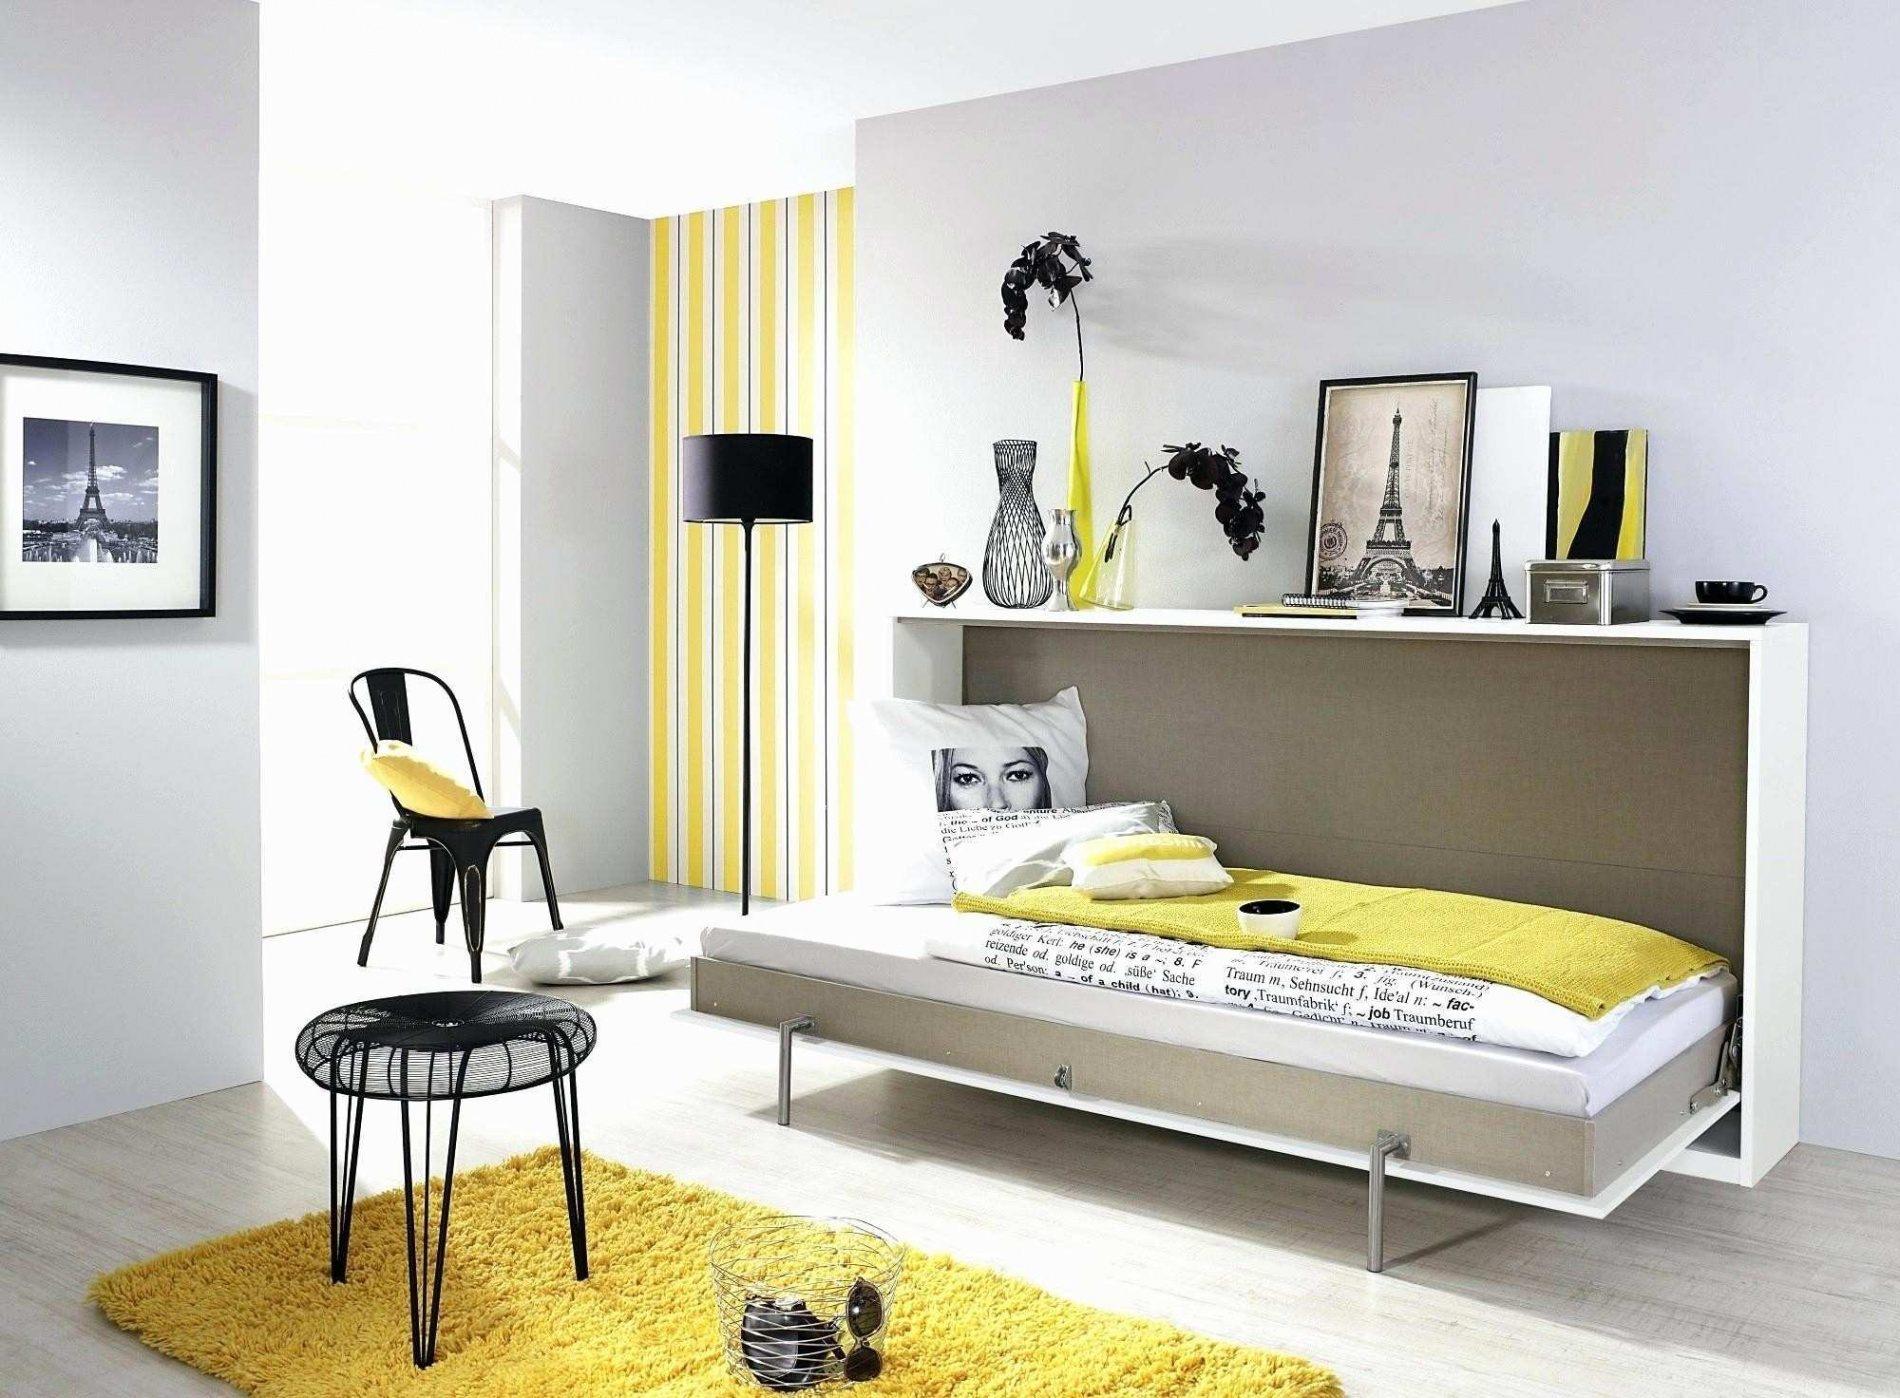 Cadre Lit Avec Rangement Beau Tete De Lit Avec Rangement 180 Beau Image Tete De Lit Design Italien